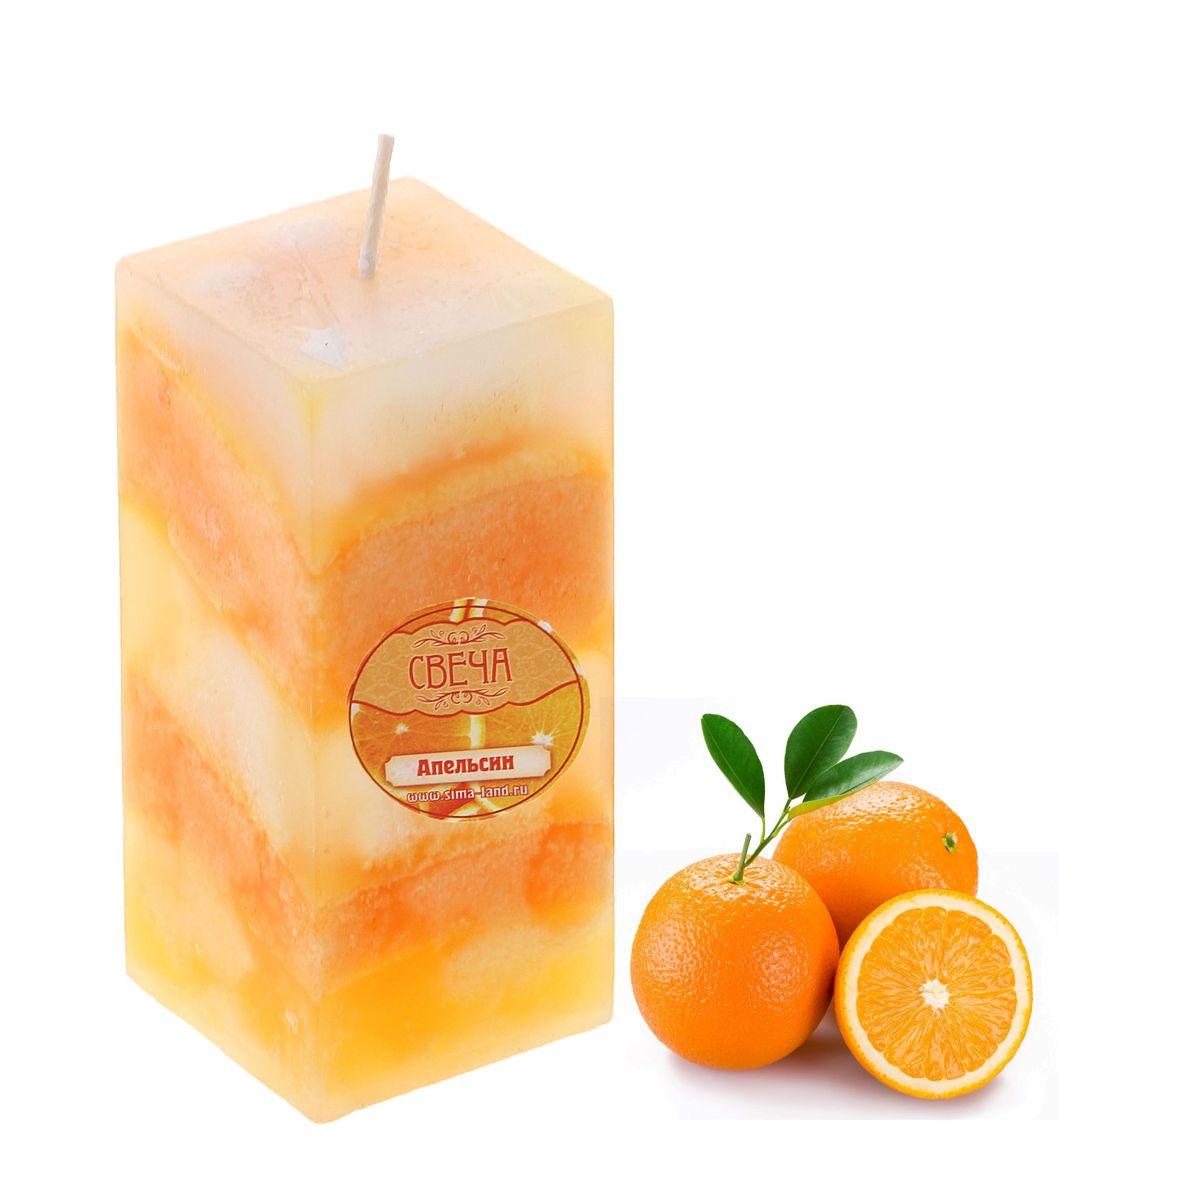 Свеча ароматизированная Sima-land Апельсин, высота 10 см849584Свеча ароматизированная Sima-land Апельсин выполнена из воска. Свеча отличается ярким дизайном, который понравится как женщинам, так и мужчинам. Создайте для себя и своих близких не забываемую атмосферу праздника и уюта в доме. Свеча Sima-land Апельсин будет радовать ароматом апельсина и раскрасит серые будни яркими красками.